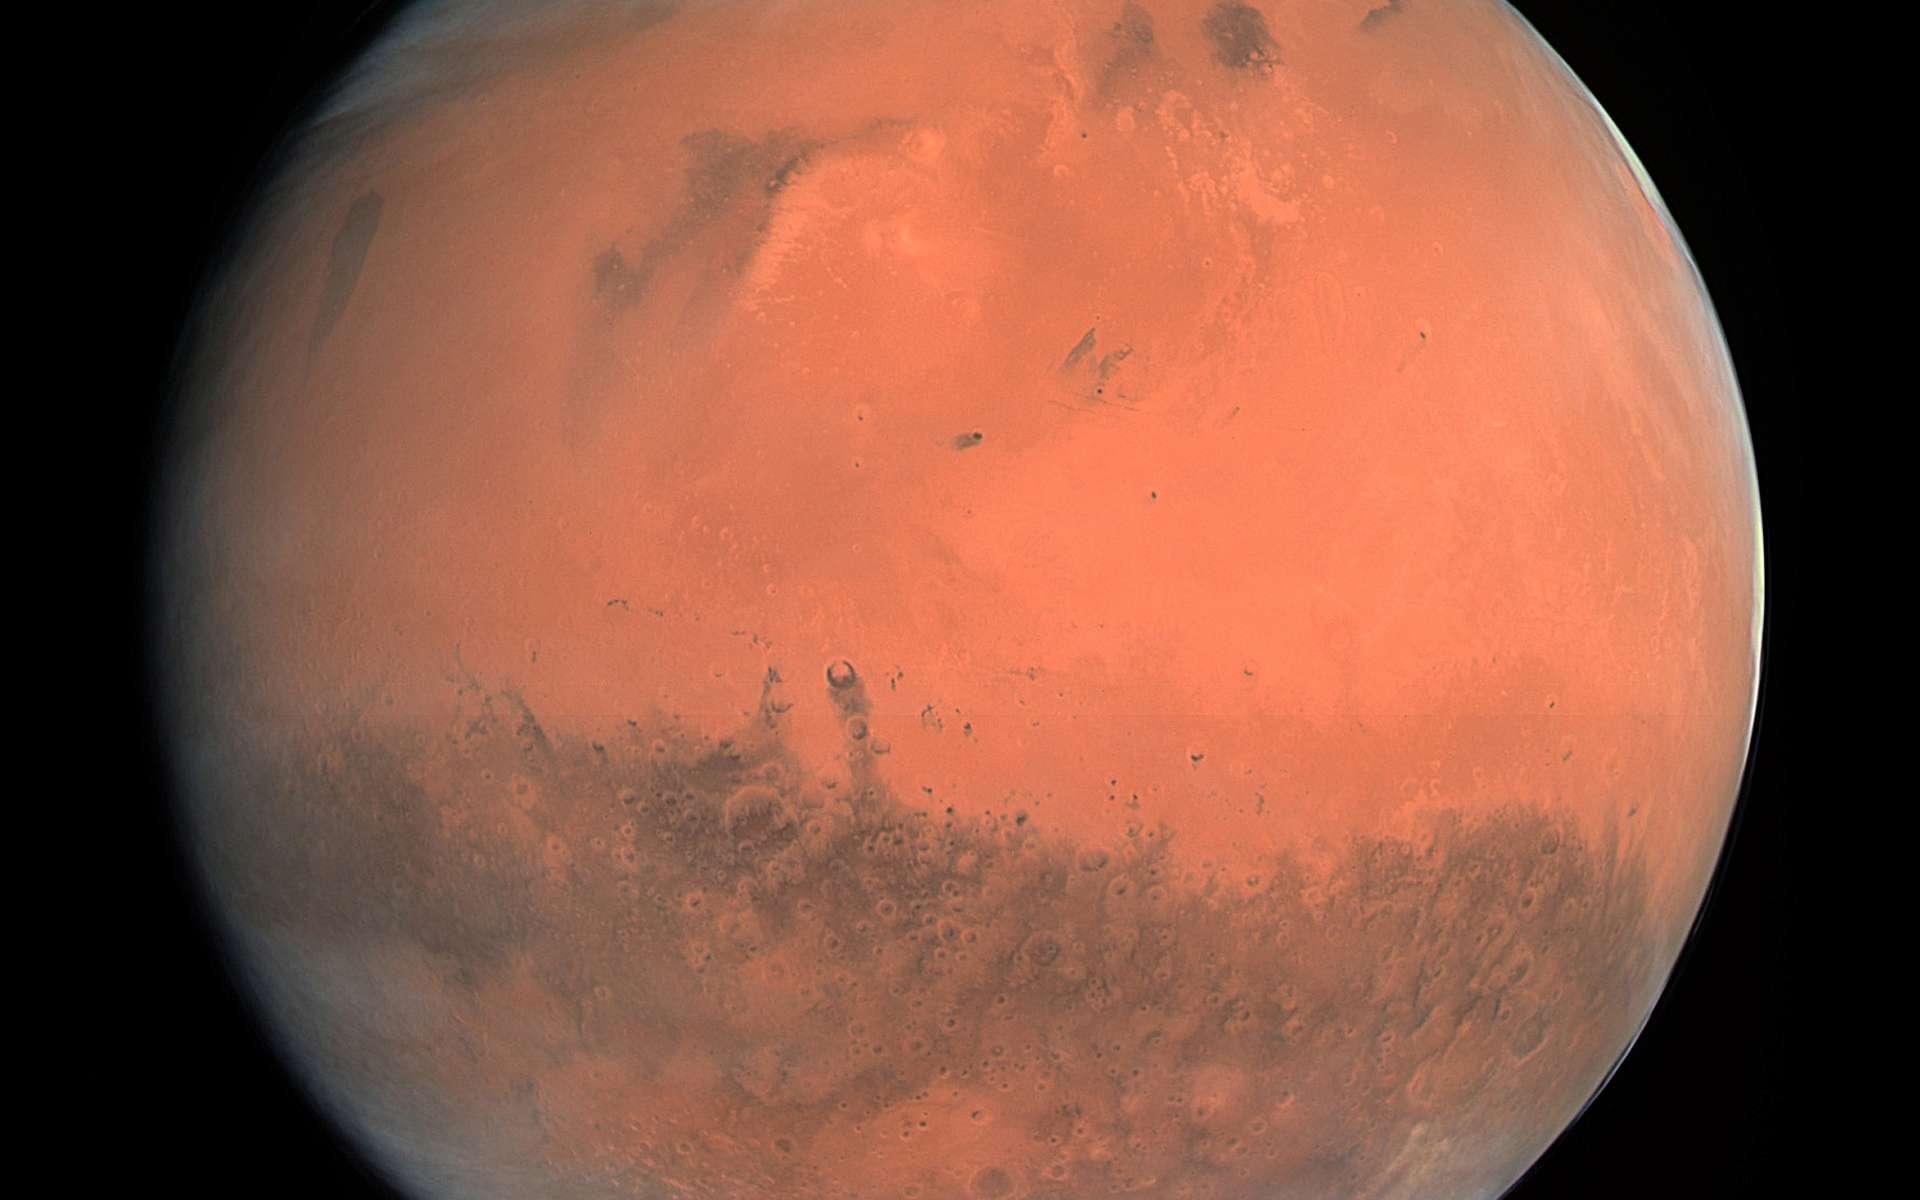 Mars vue par la sonde Rosetta. Crédits : Esa